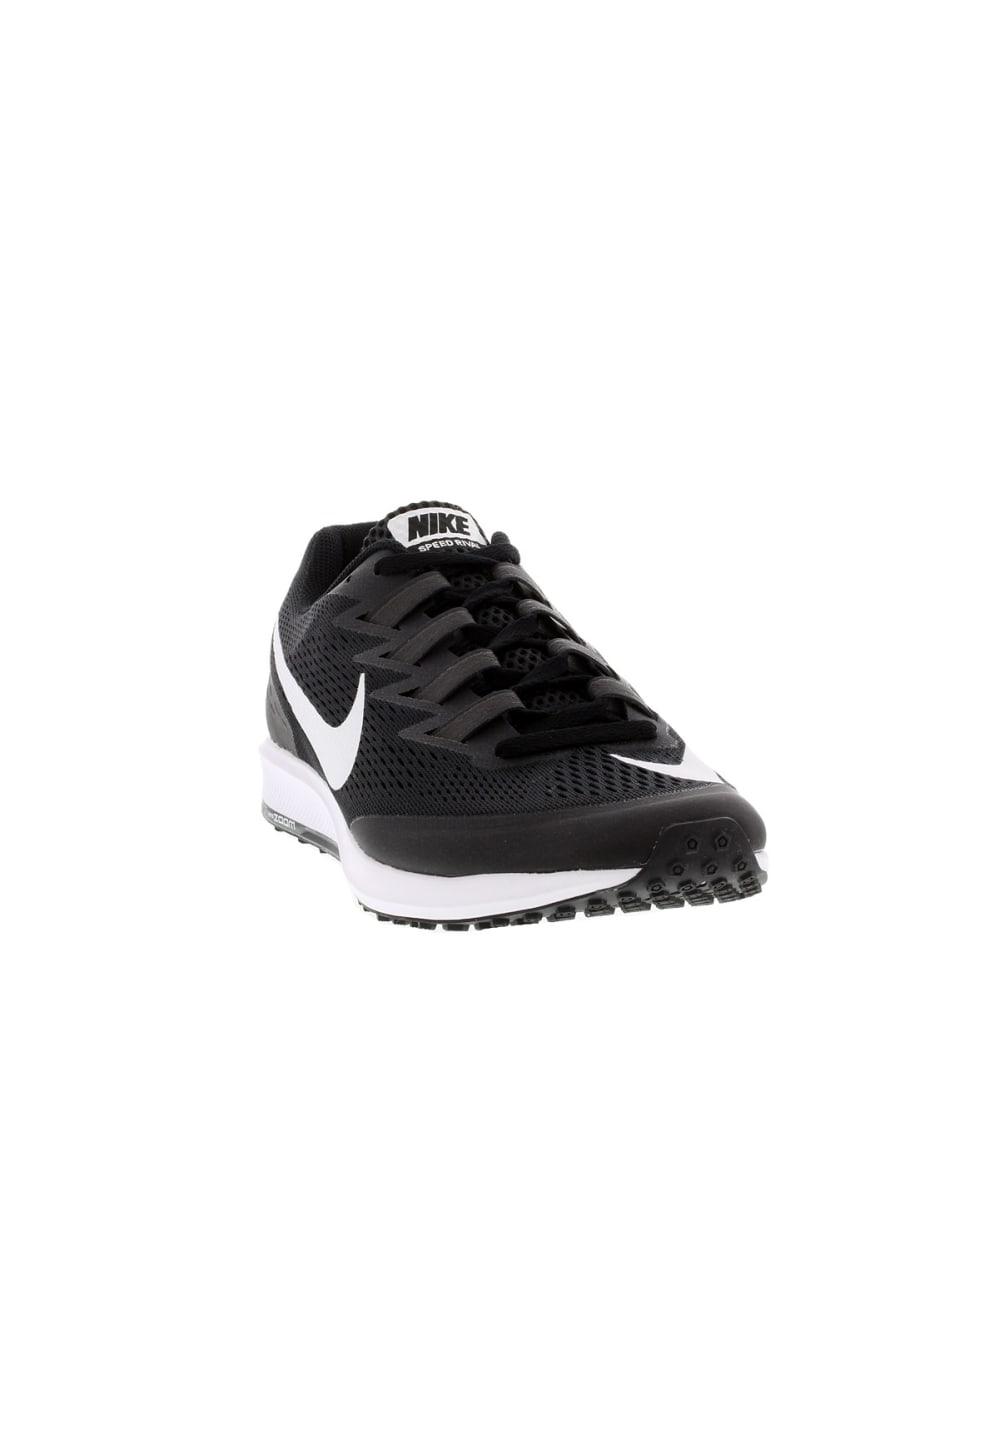 edbd127a0e Nike Air Zoom Speed Rival 6 Wide - Running shoes - Black | 21RUN